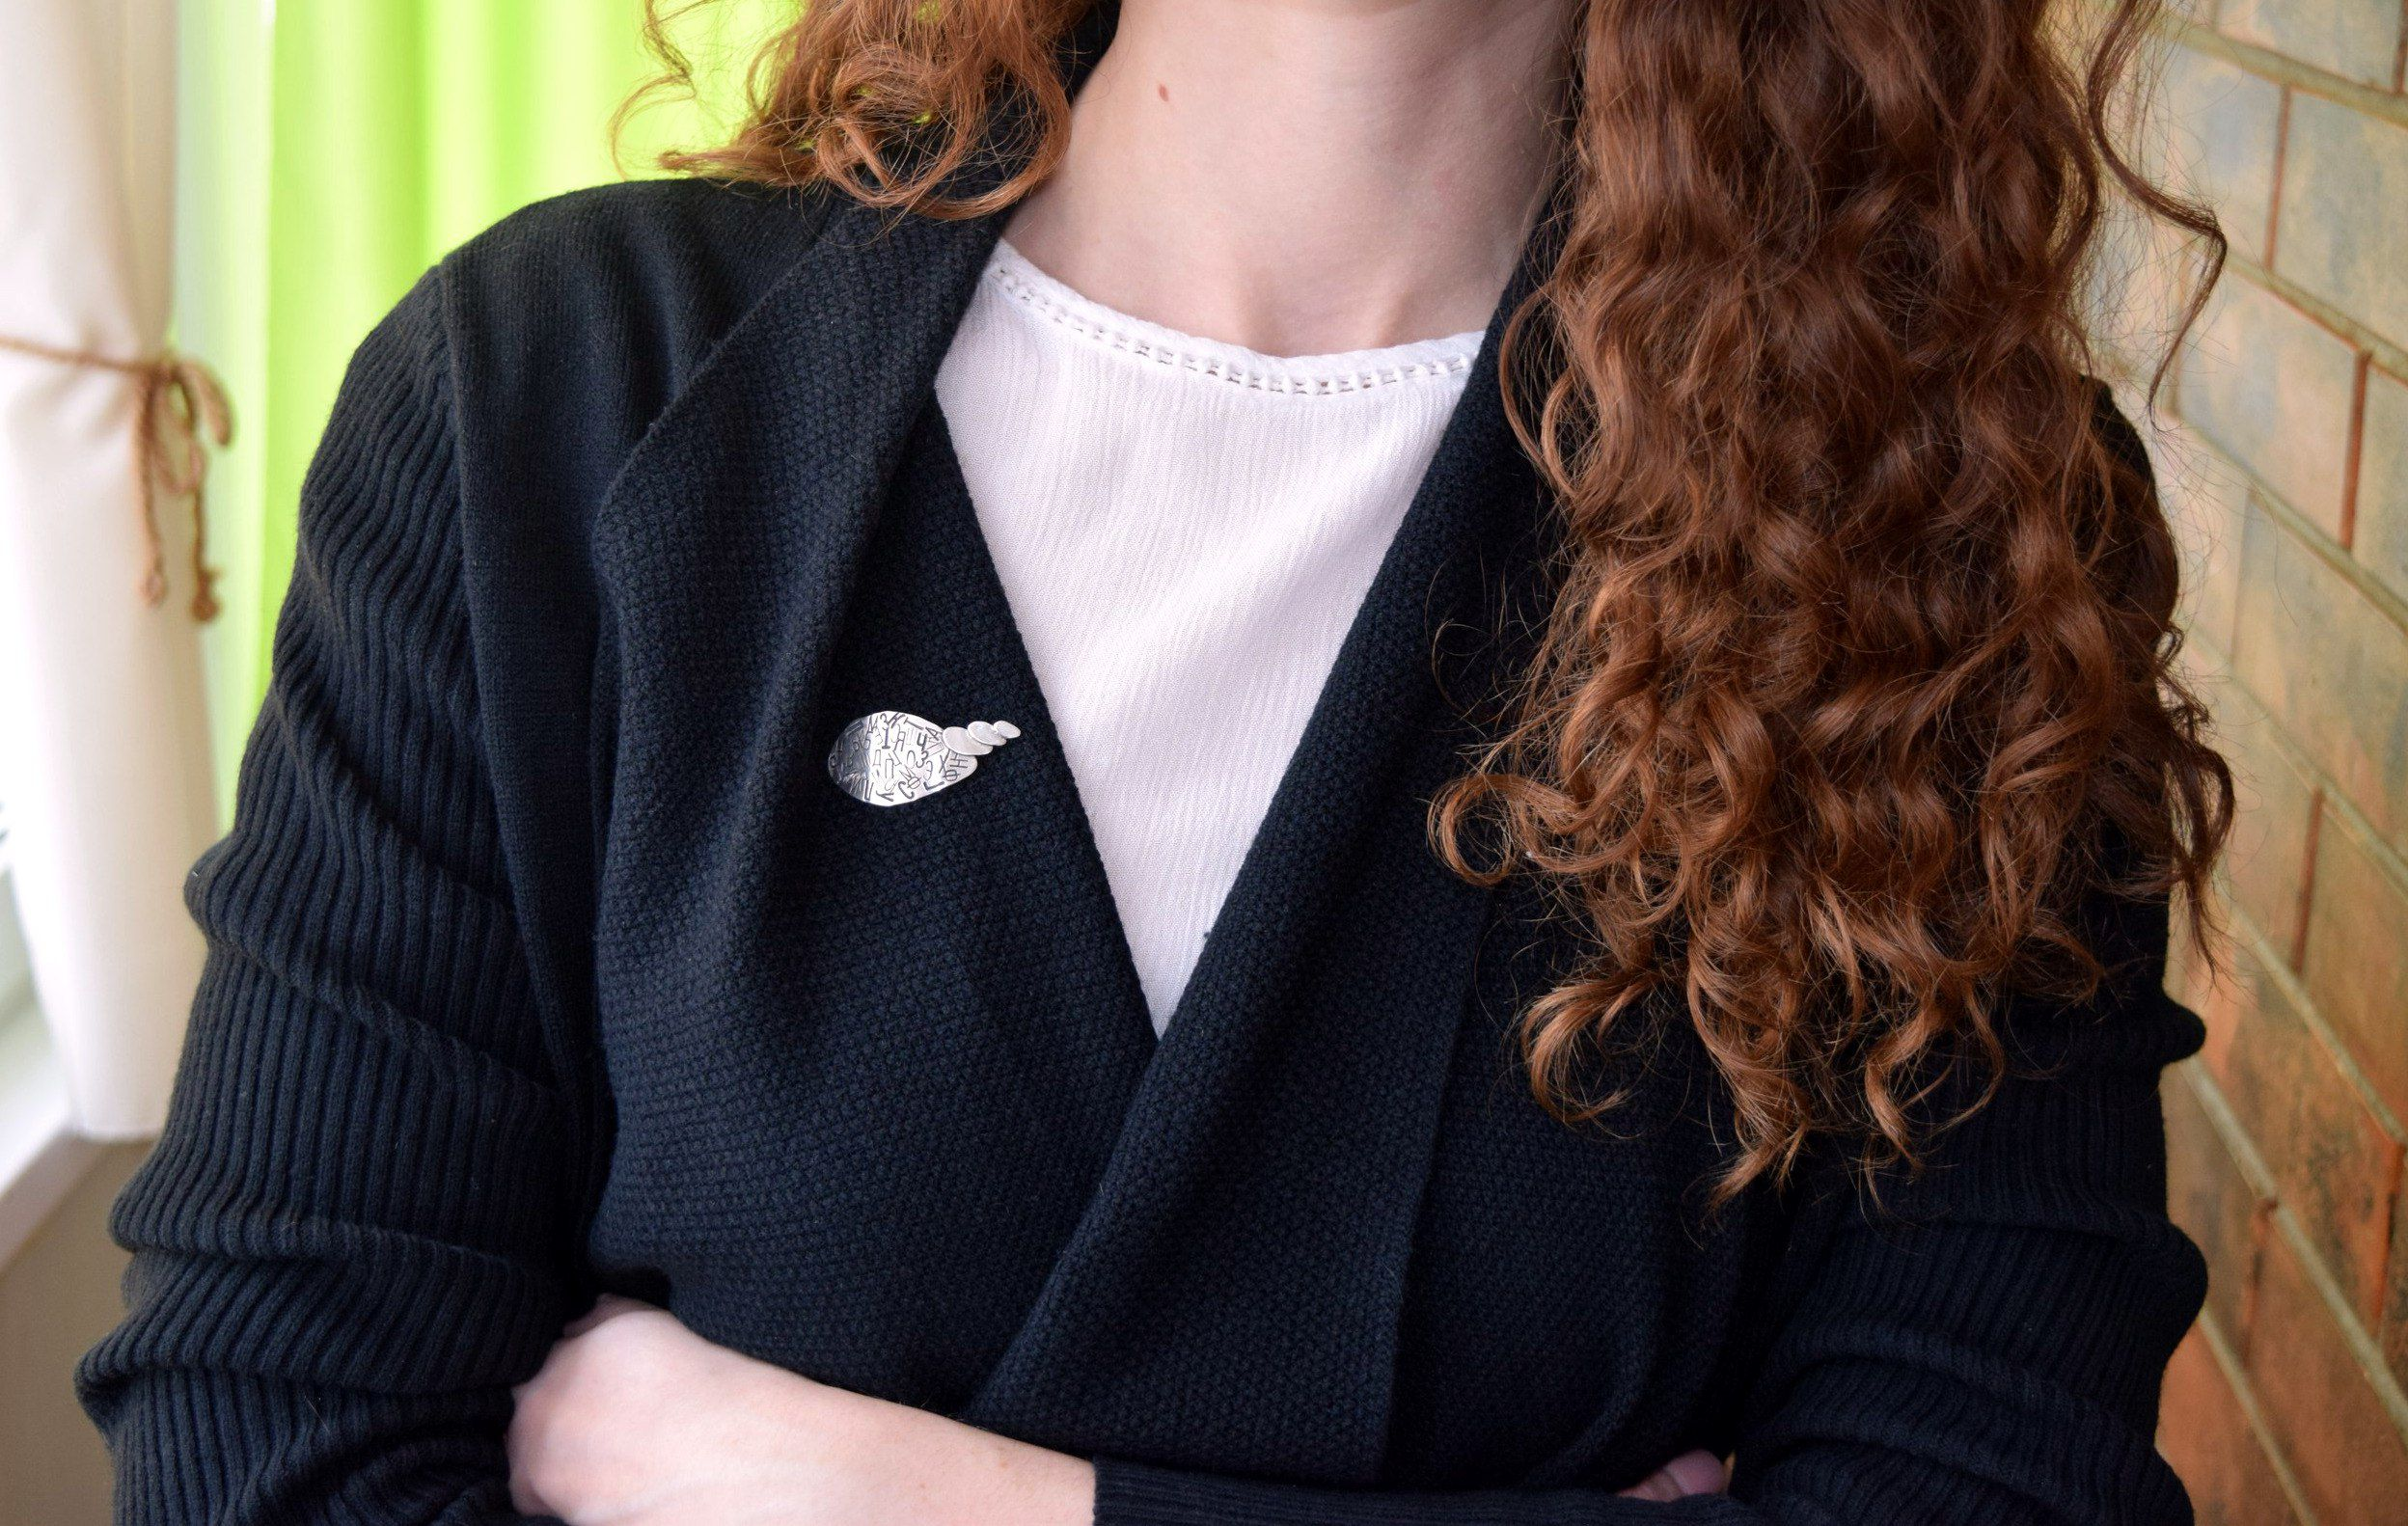 серебряный ручнаяработа кулон украшение брошь серебрянаяброшь брошьизсеребра кулонгалстук серебра серебрянаяподвеска подвескаизсеребра серебряныйкулон кулонизсеребра серебряная подвеска